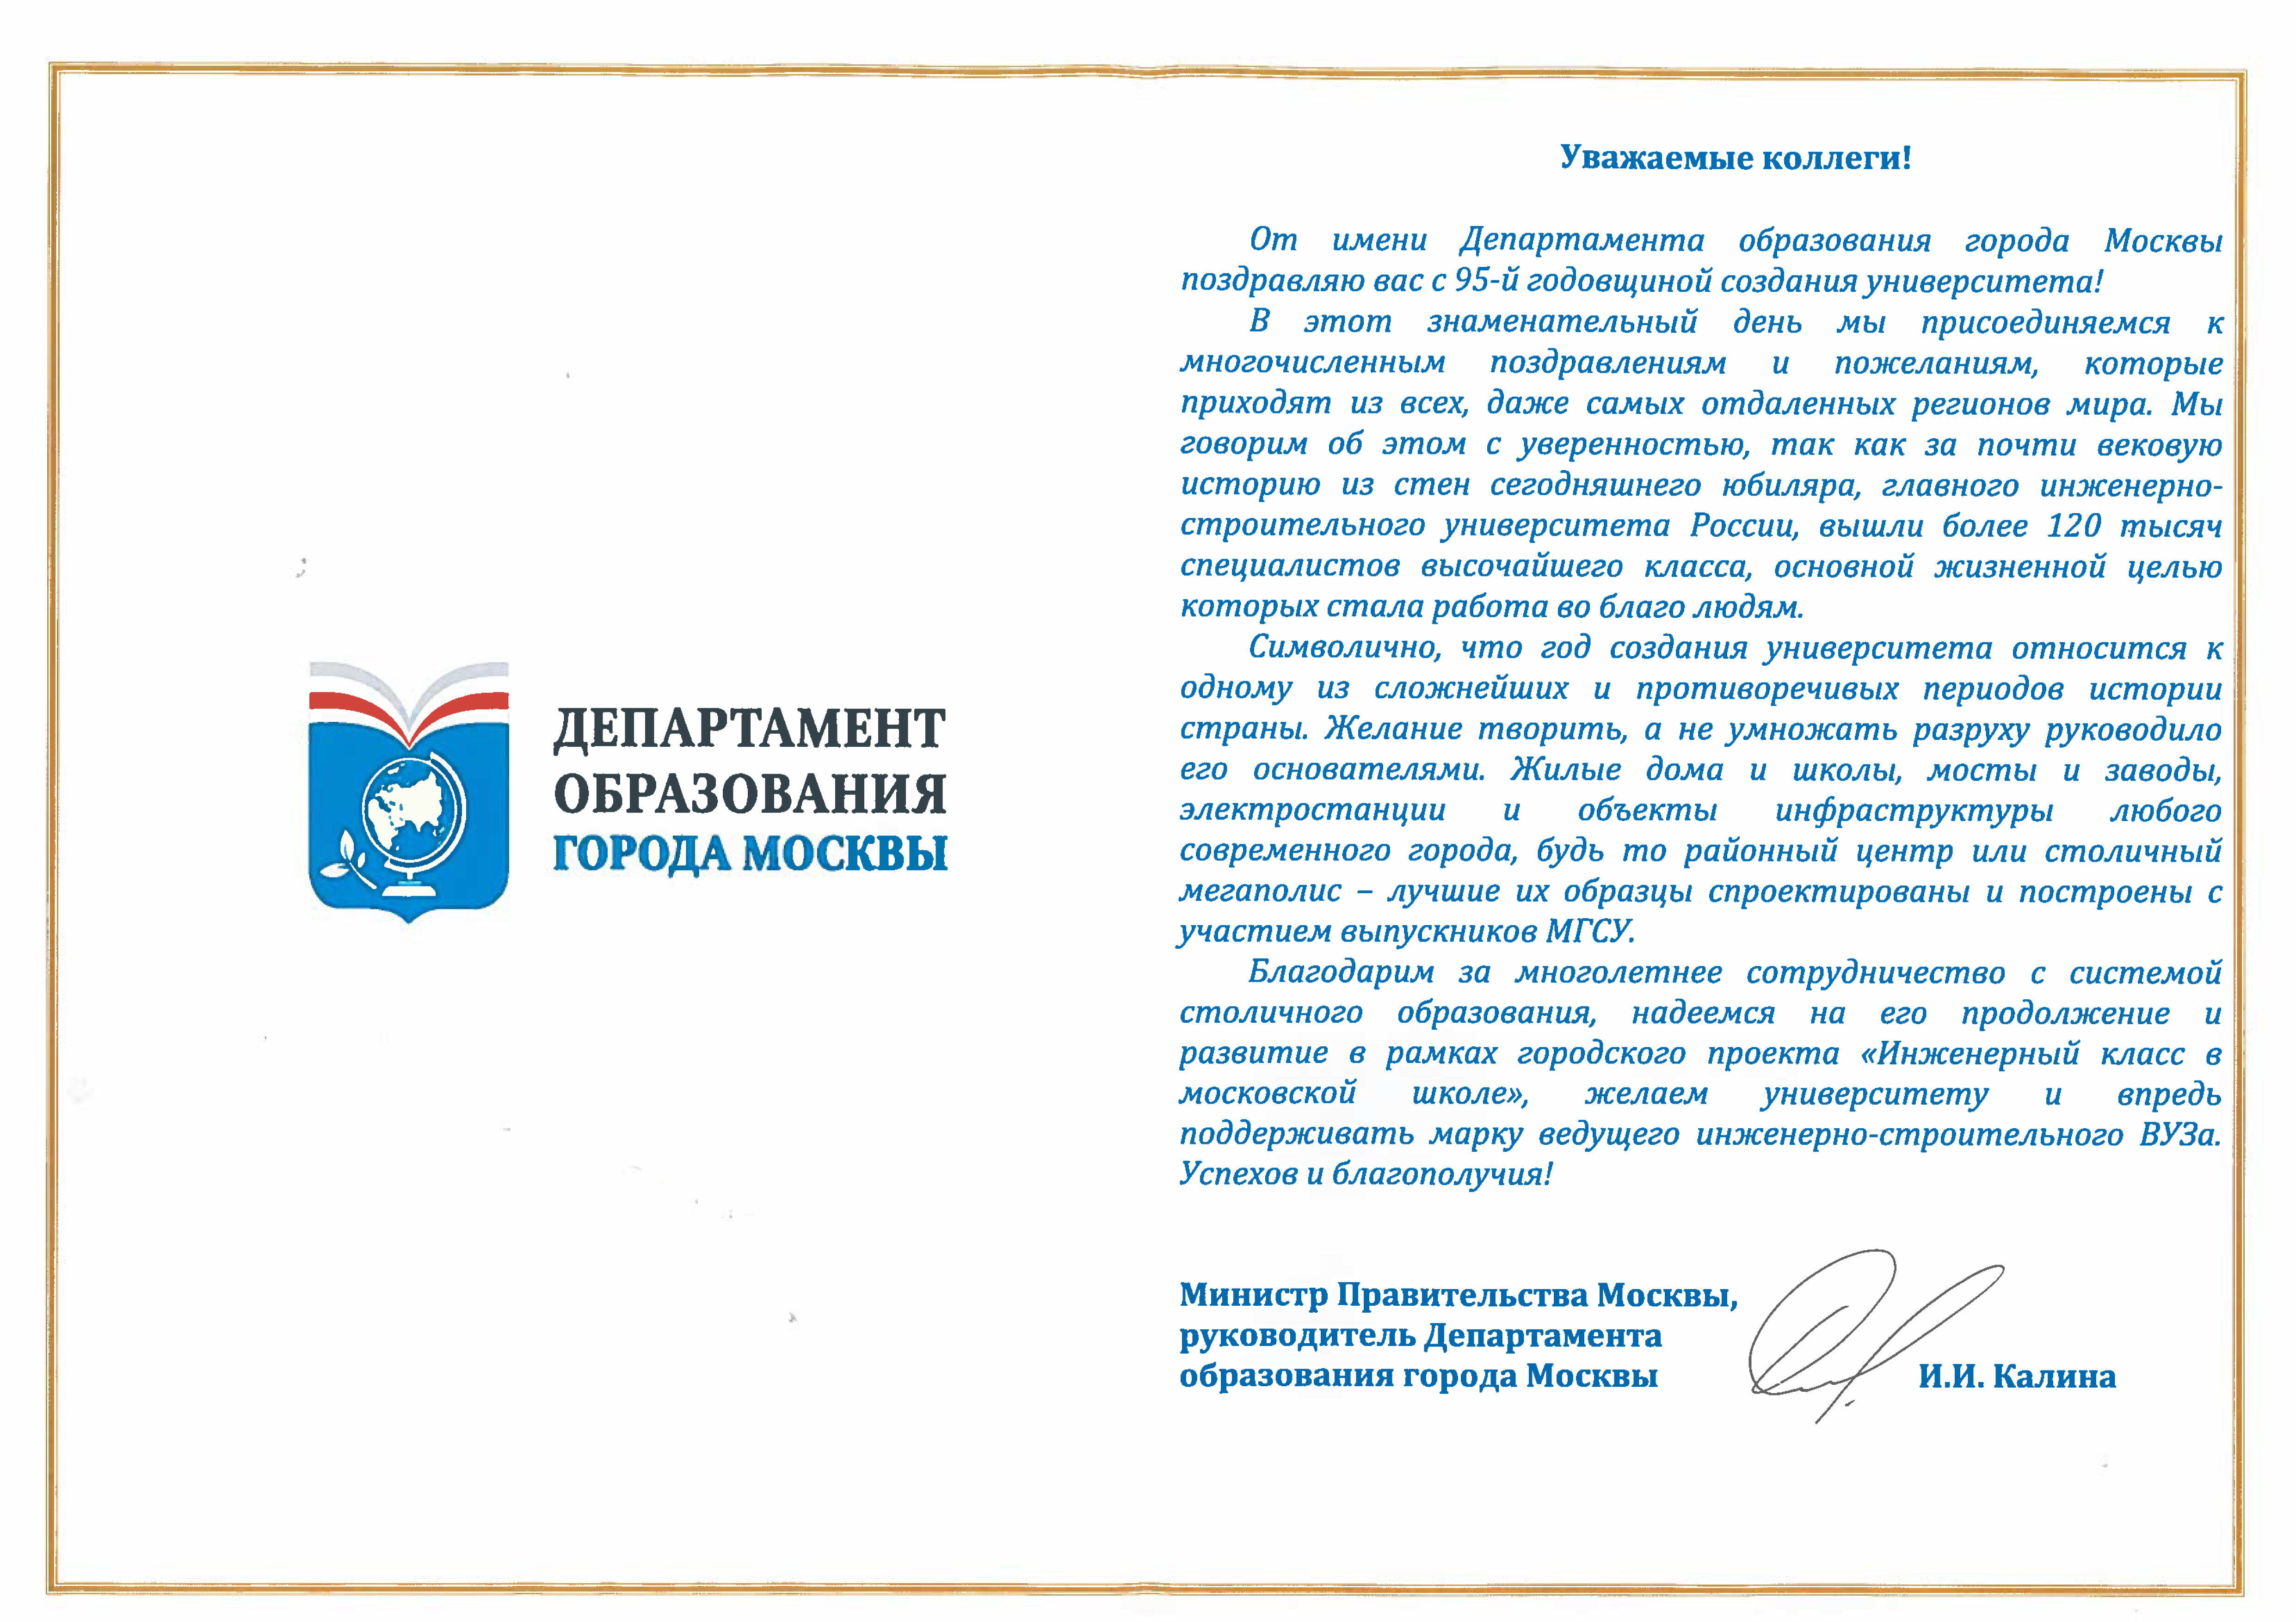 Поздравления руководителю департамента 37